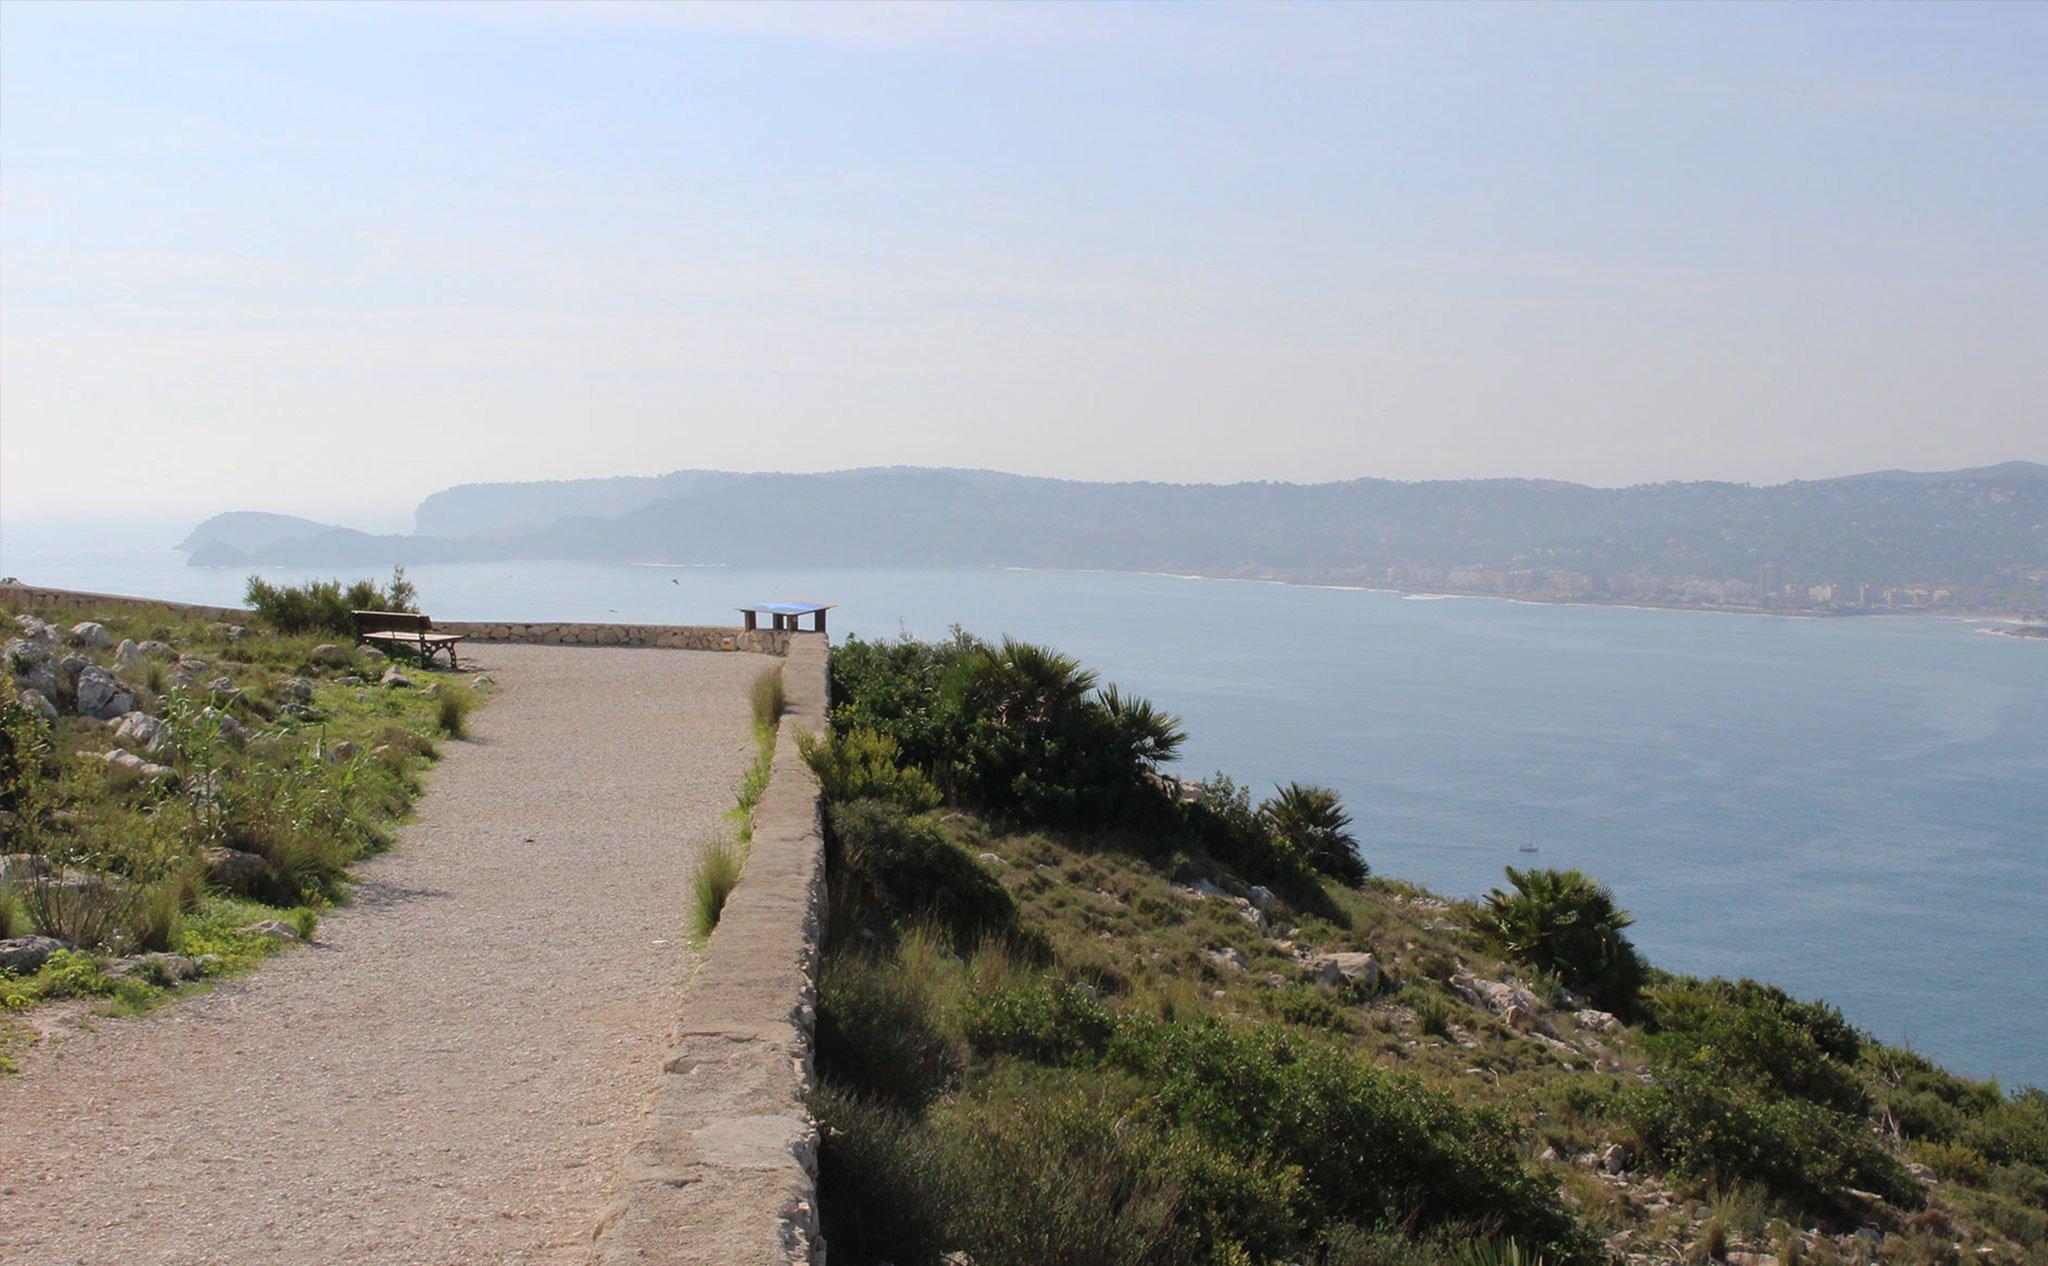 Vistas de la bahía de Jávea desde el mirador del Cap de Sant Antoni